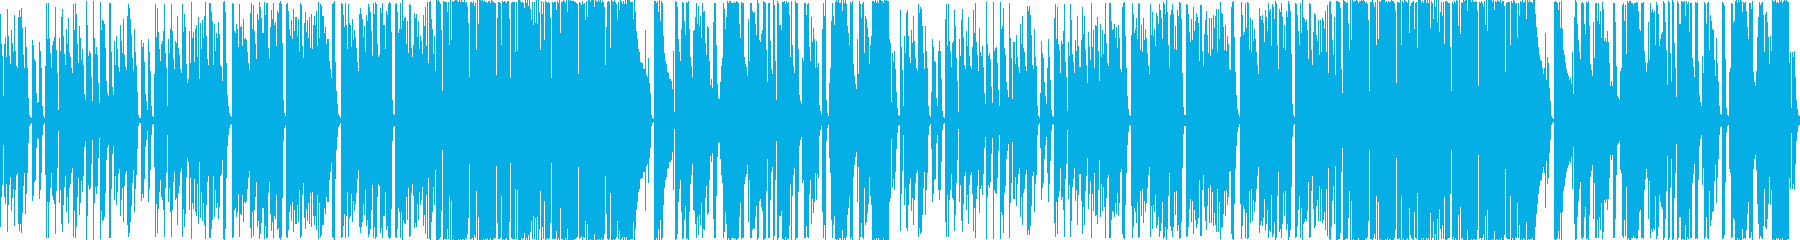 人気の無いバーでひっそり演奏されるよう…の再生済みの波形